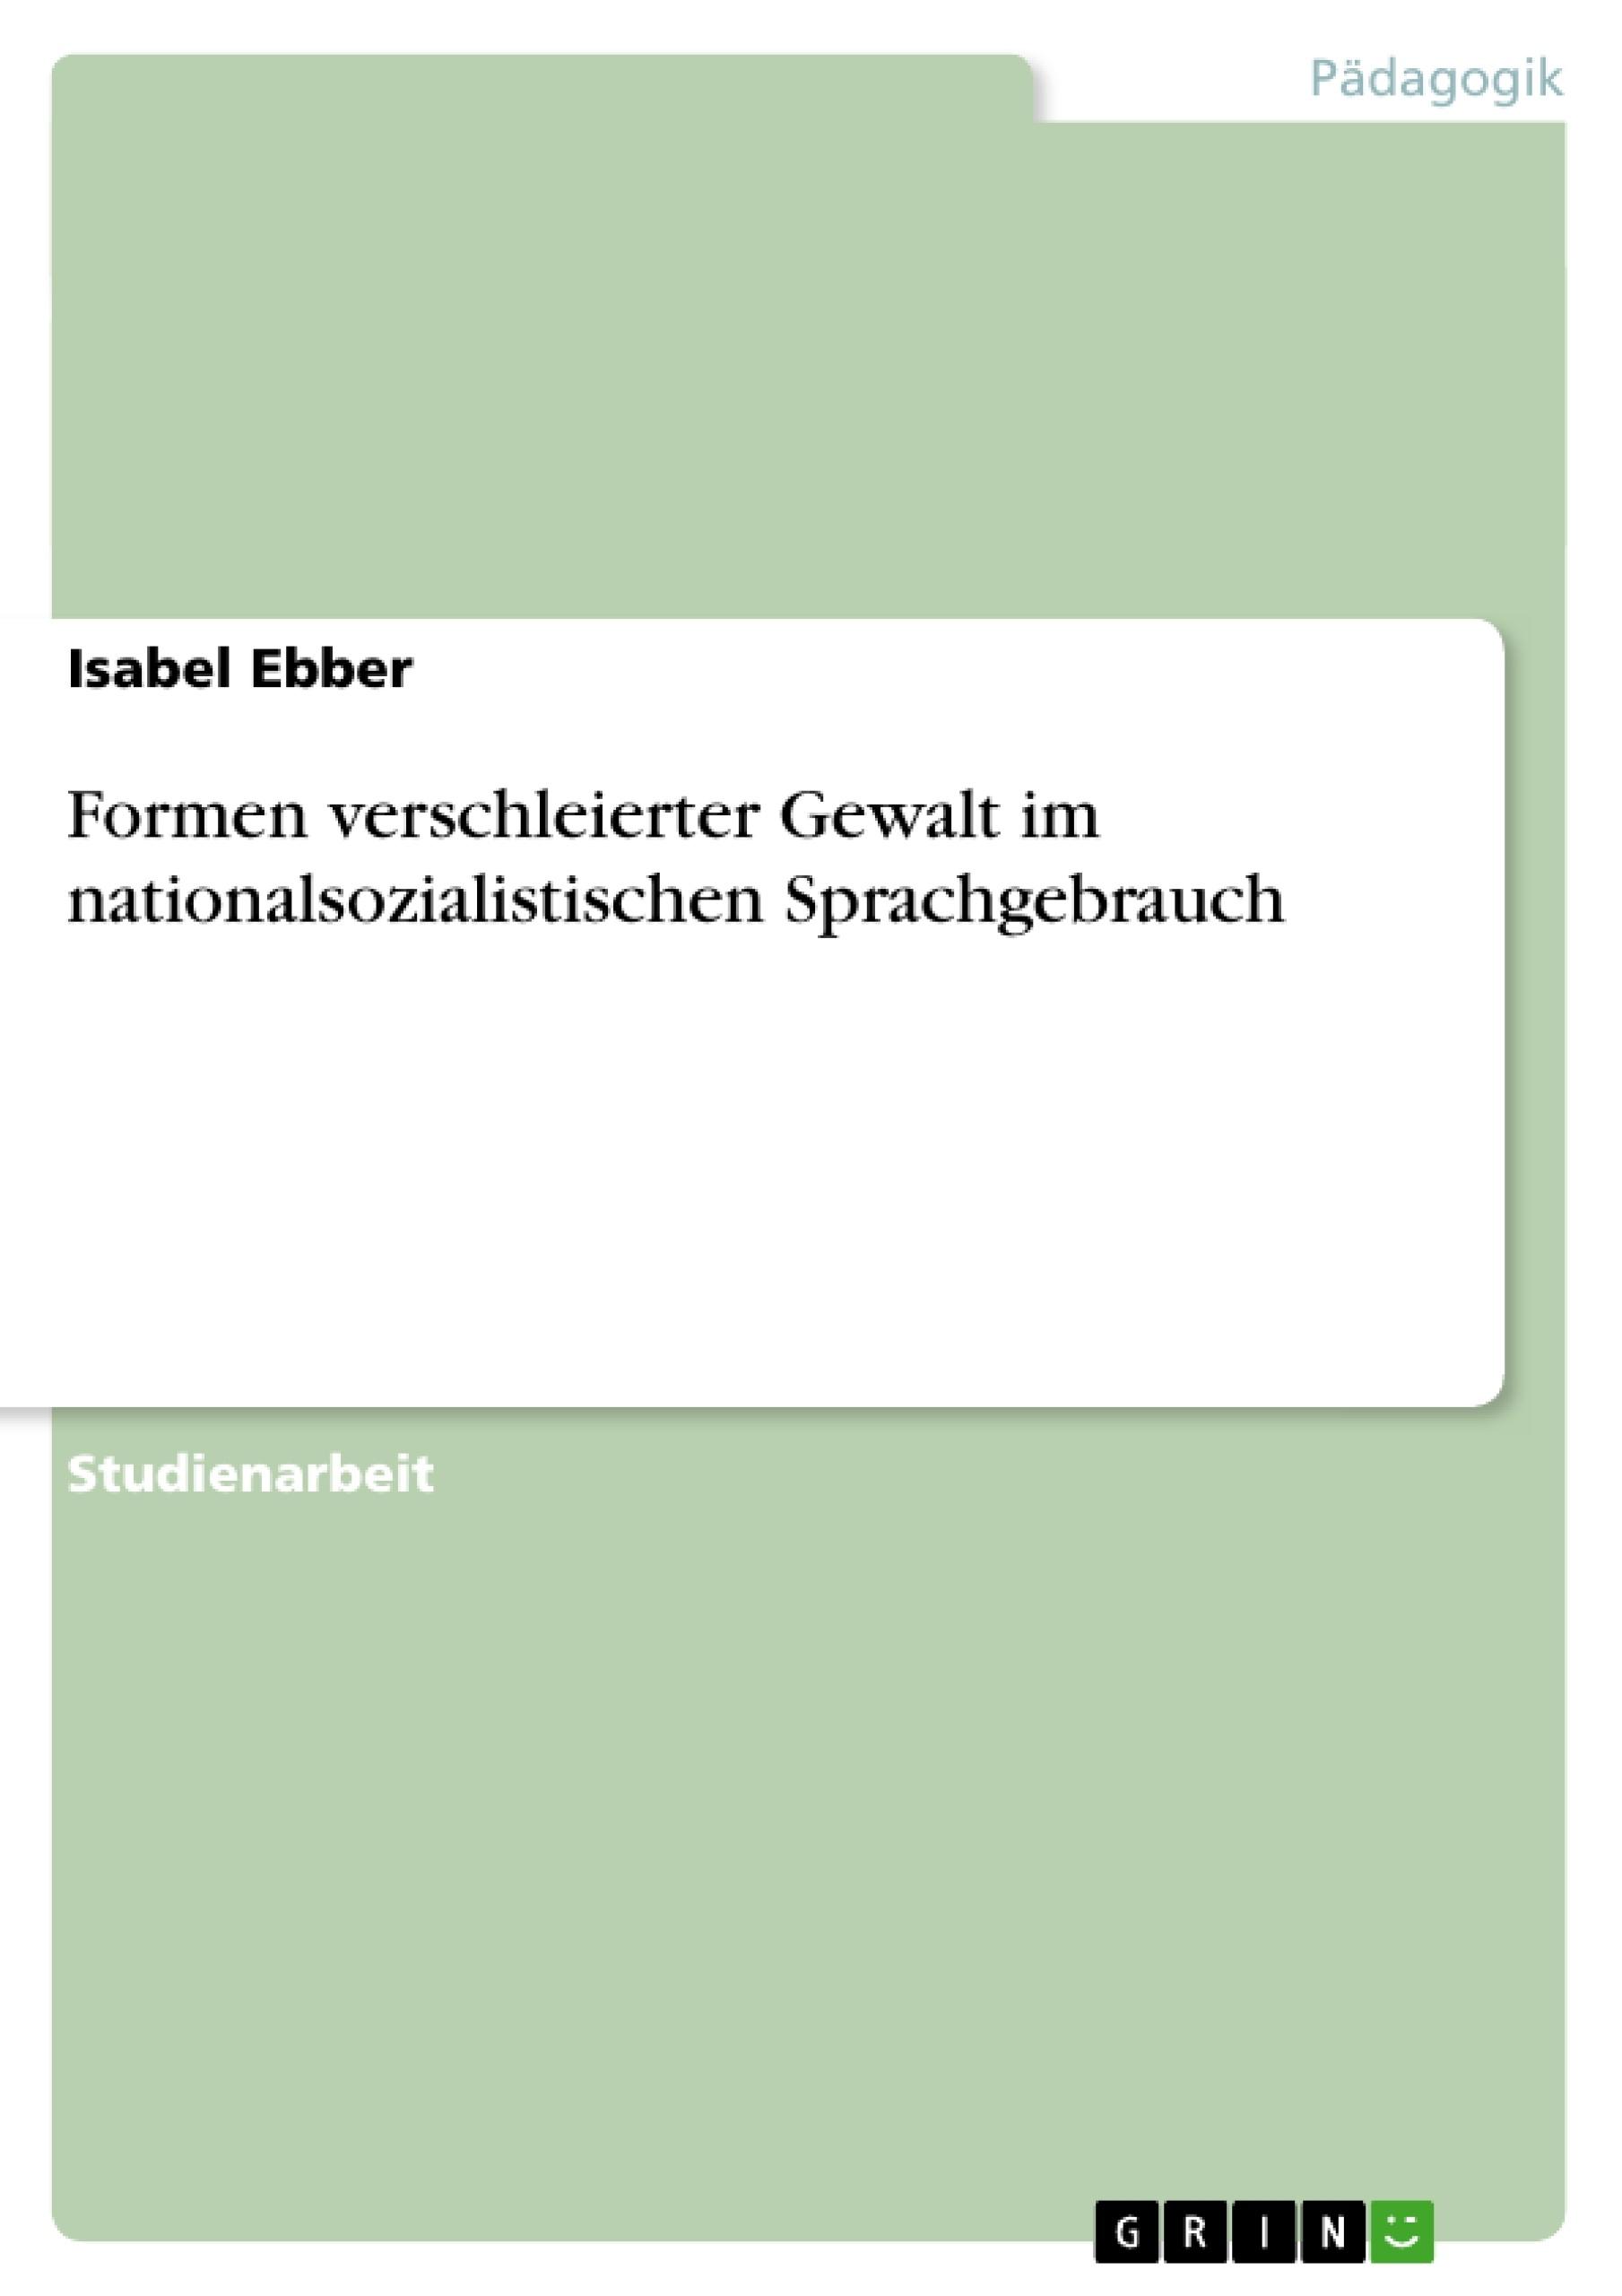 Titel: Formen verschleierter Gewalt im nationalsozialistischen Sprachgebrauch